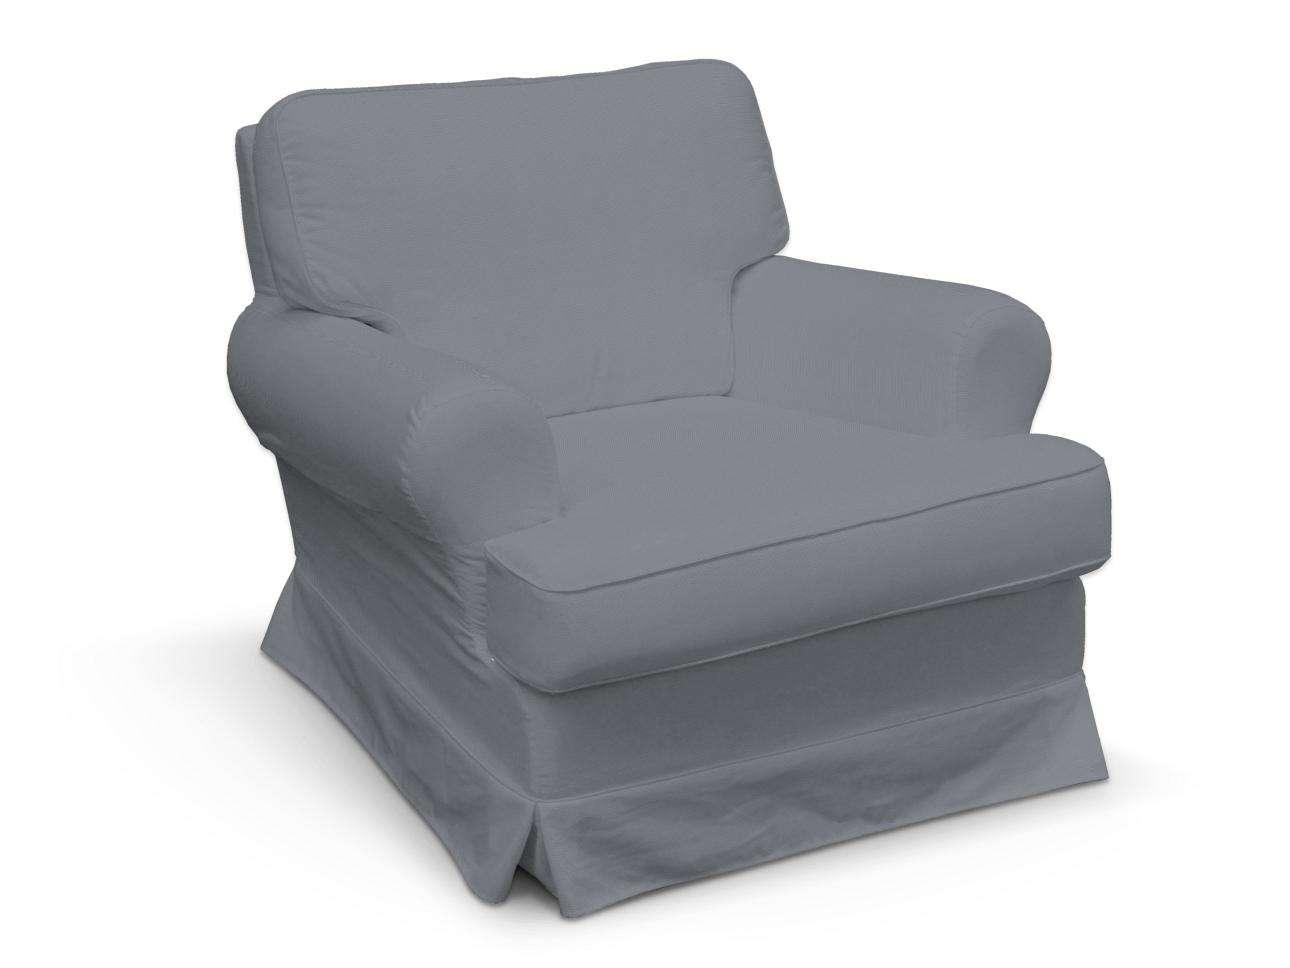 Pokrowiec na fotel Barkaby fotel Barkaby w kolekcji Cotton Panama, tkanina: 702-07